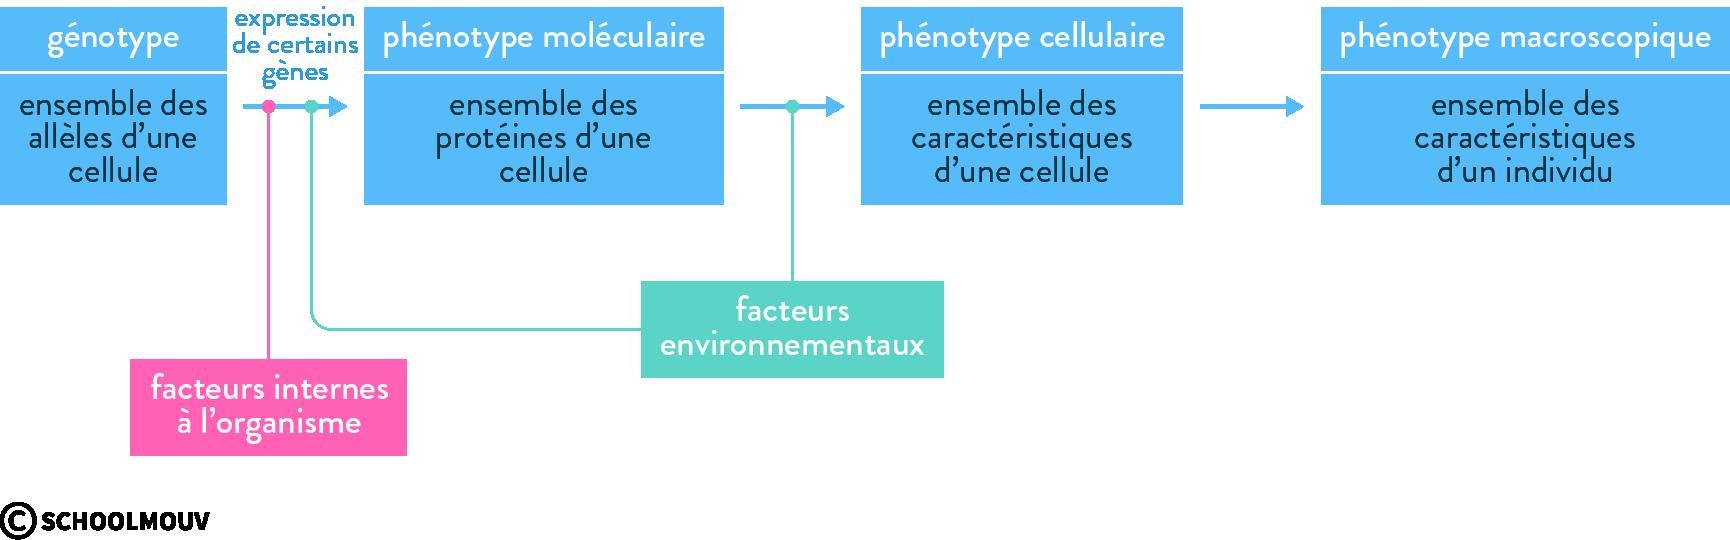 génotype phénotype